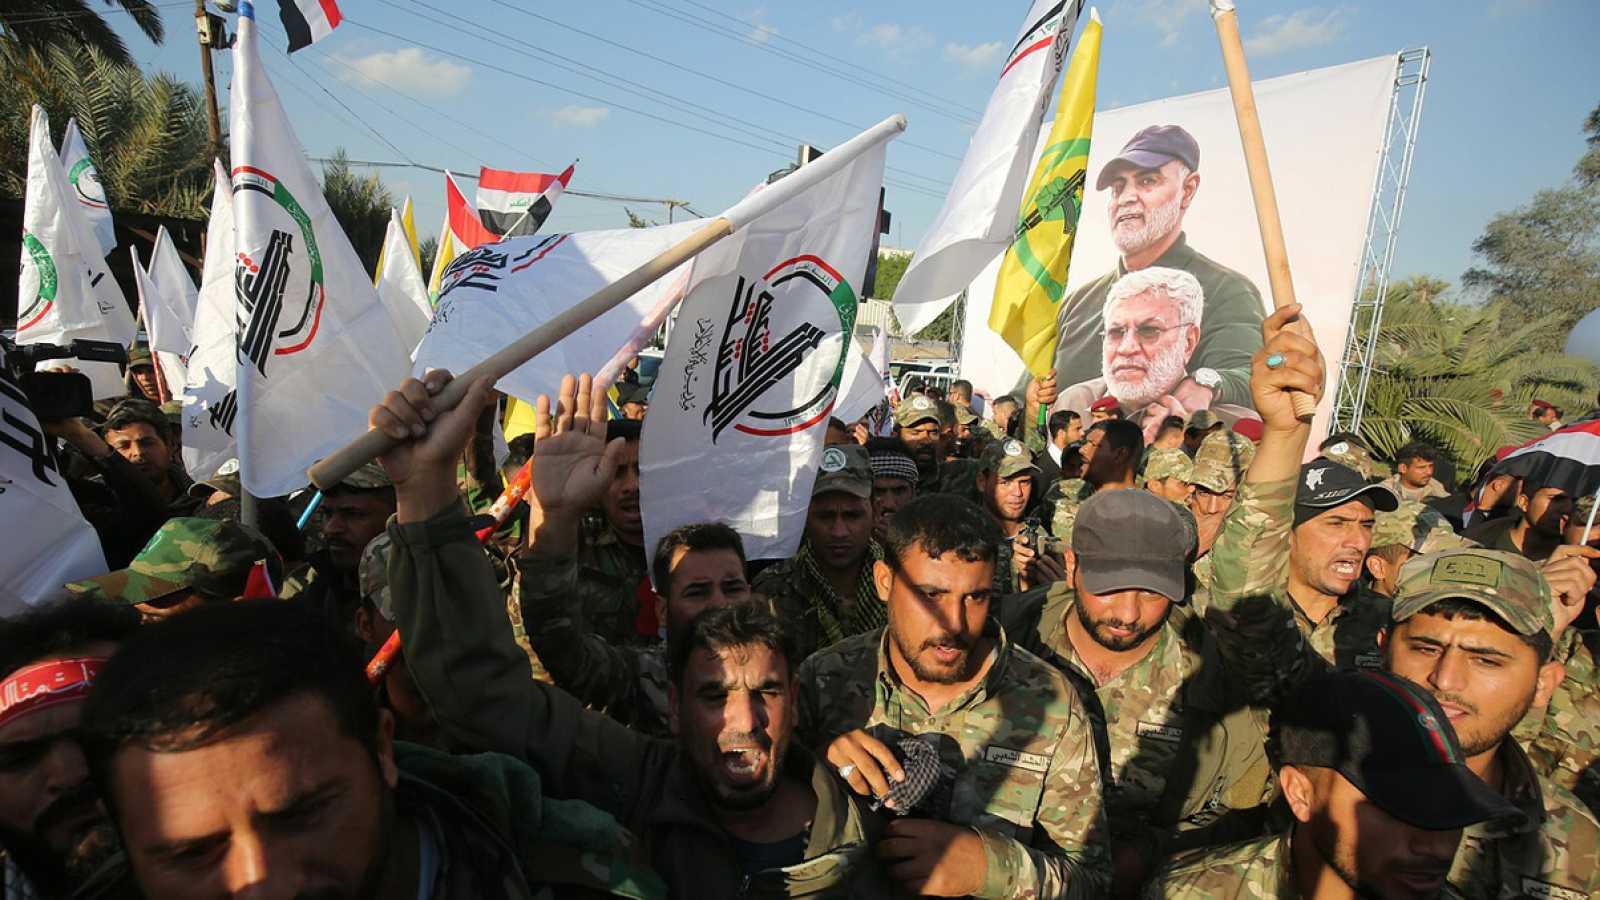 Miembros de la milicia paralimitar Hashid al Shaabi cantan lemas contra EE.UU. tras el asesinato de Qasem Soleimani, en Bagdad. Foto: AHMAD AL-RUBAYE / AFP